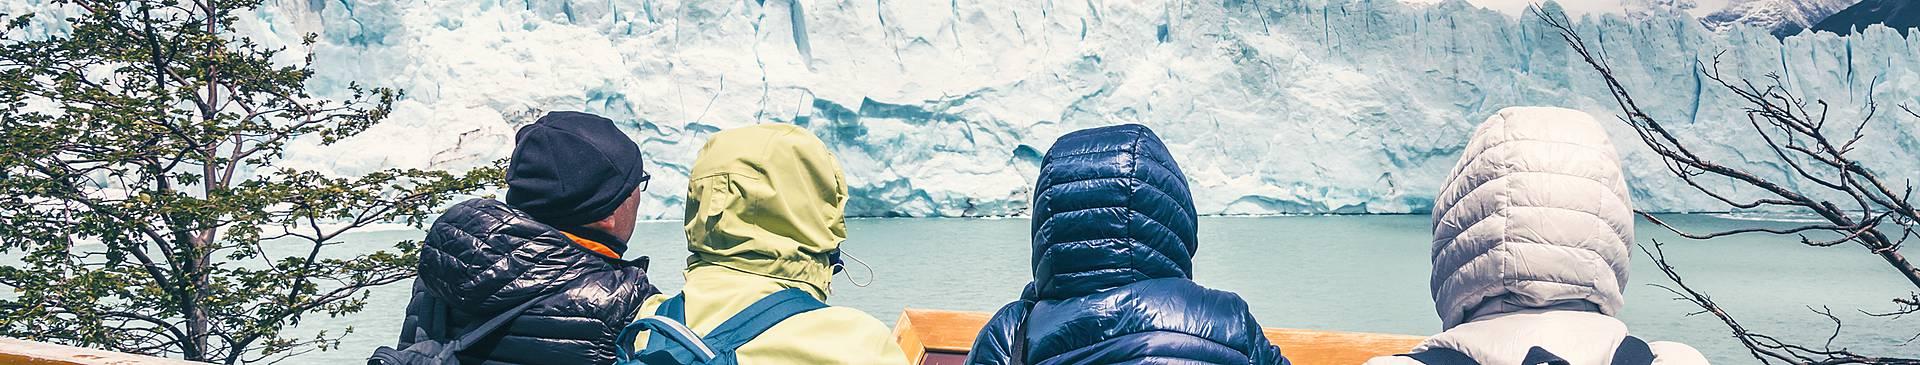 Voyage en groupe en Patagonie